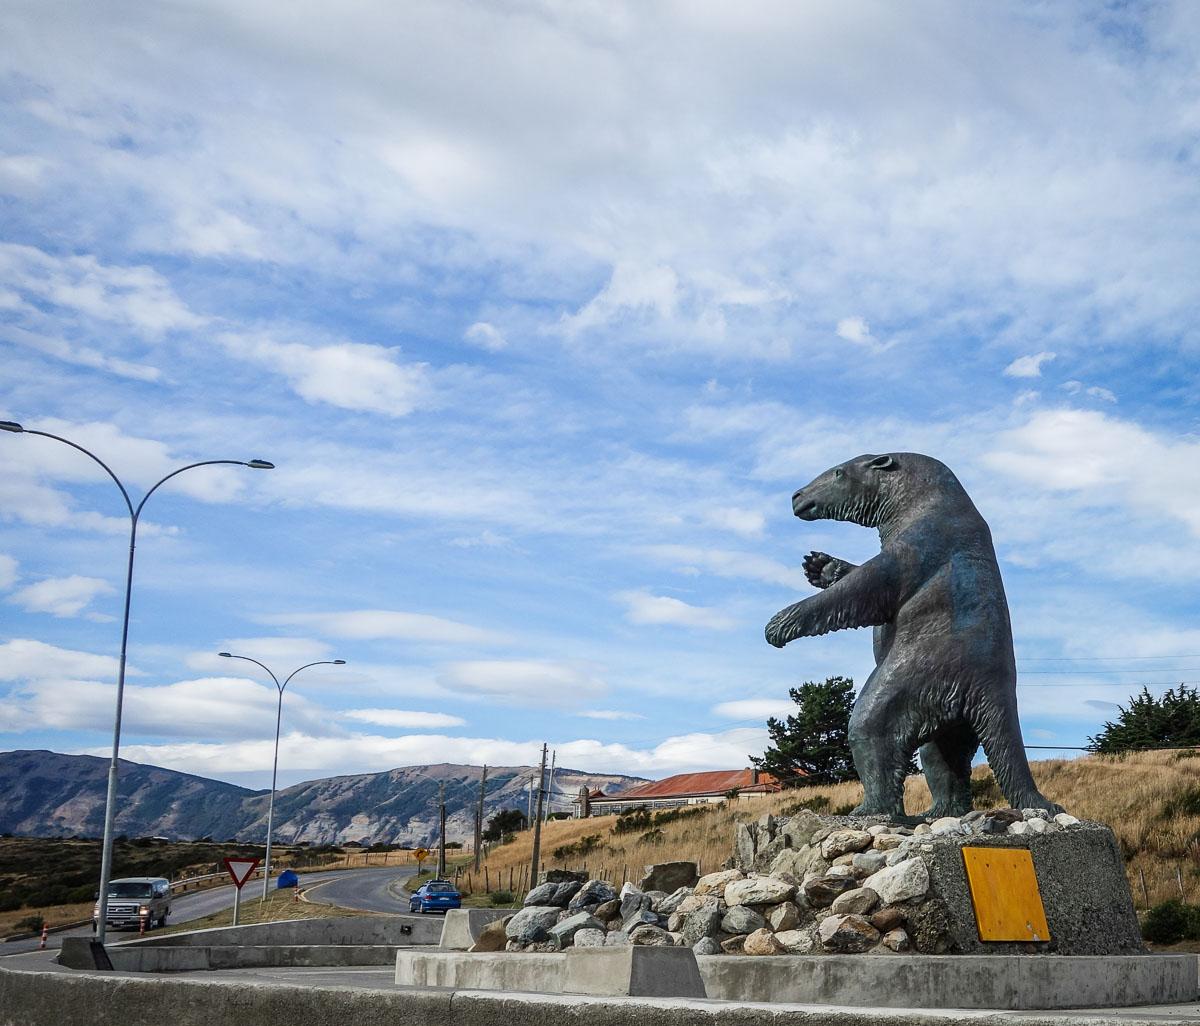 torres-del-paine-patagonia-chile-27